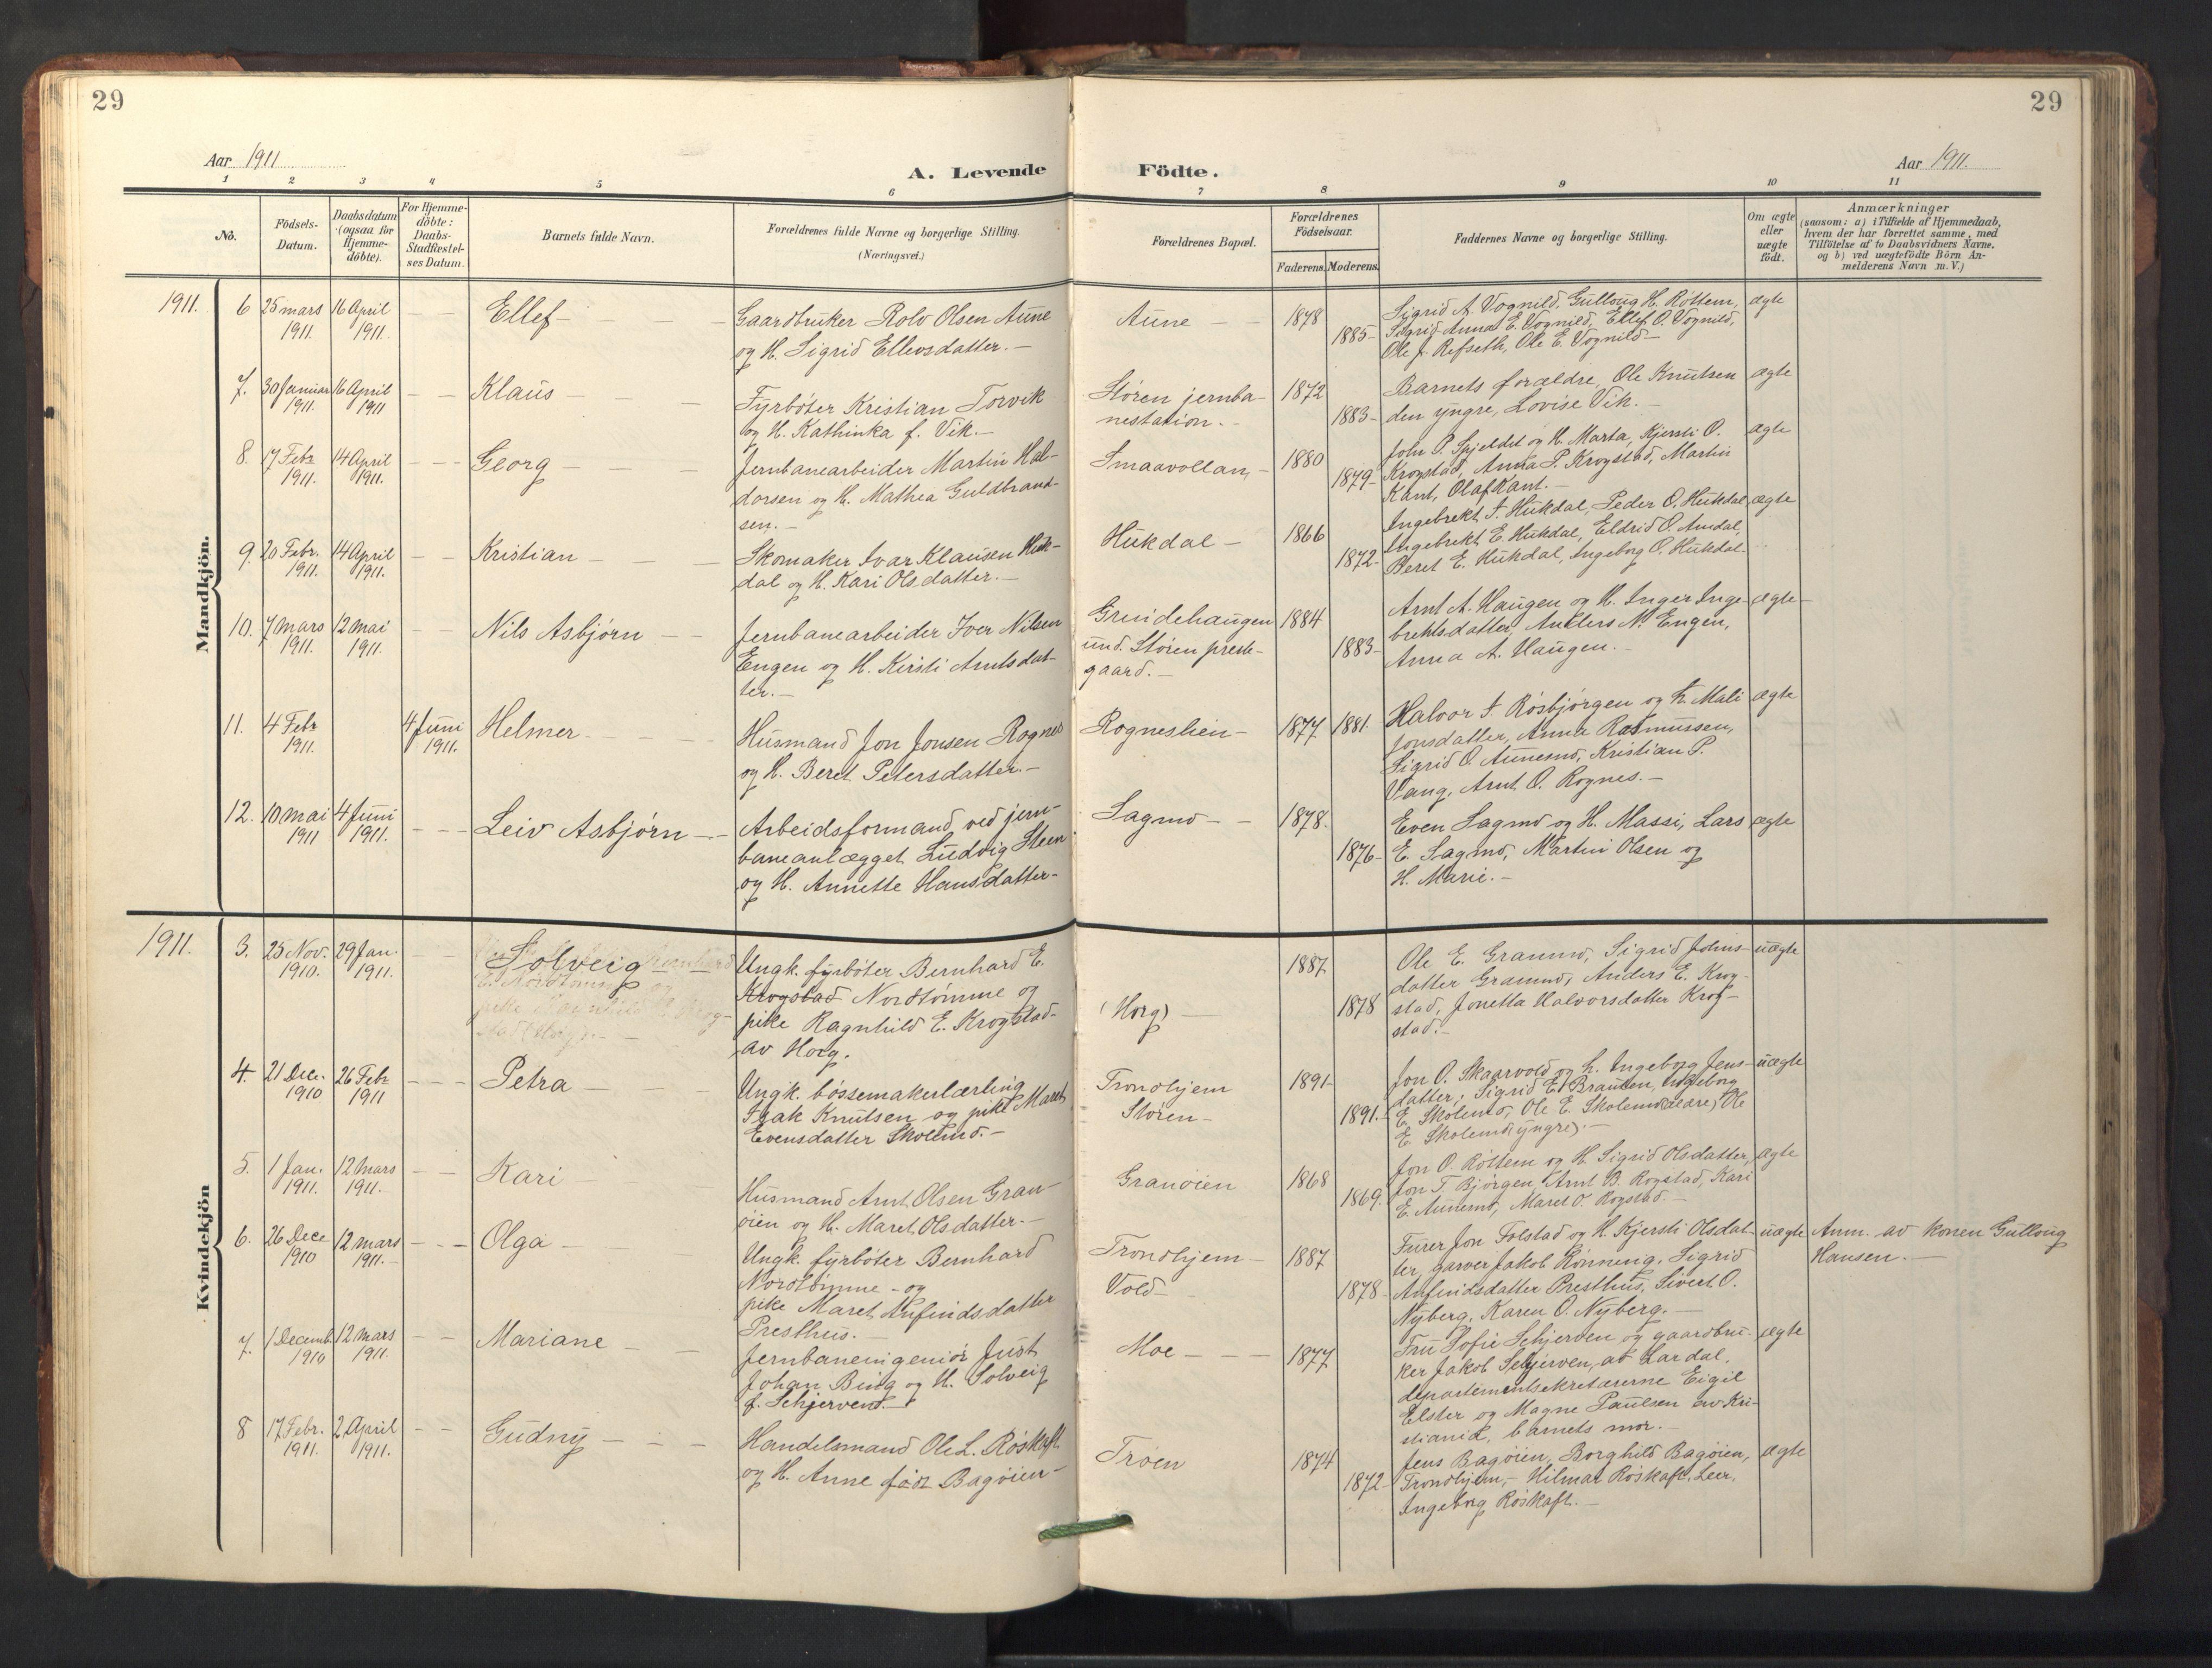 SAT, Ministerialprotokoller, klokkerbøker og fødselsregistre - Sør-Trøndelag, 687/L1019: Klokkerbok nr. 687C03, 1904-1931, s. 29